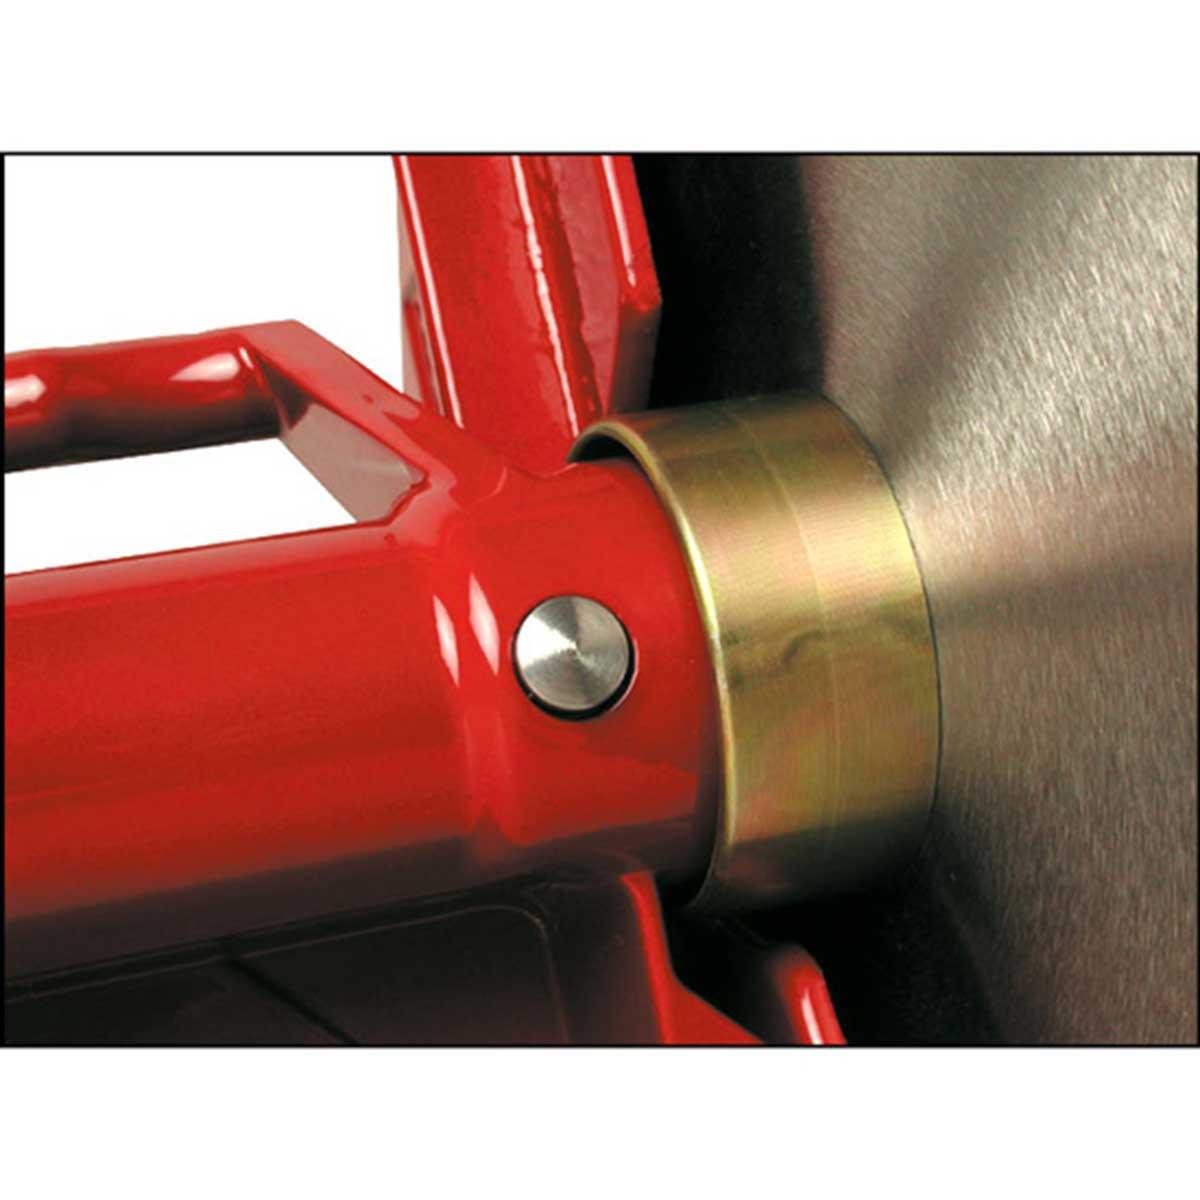 151991 MK 101 tile saw blade lock